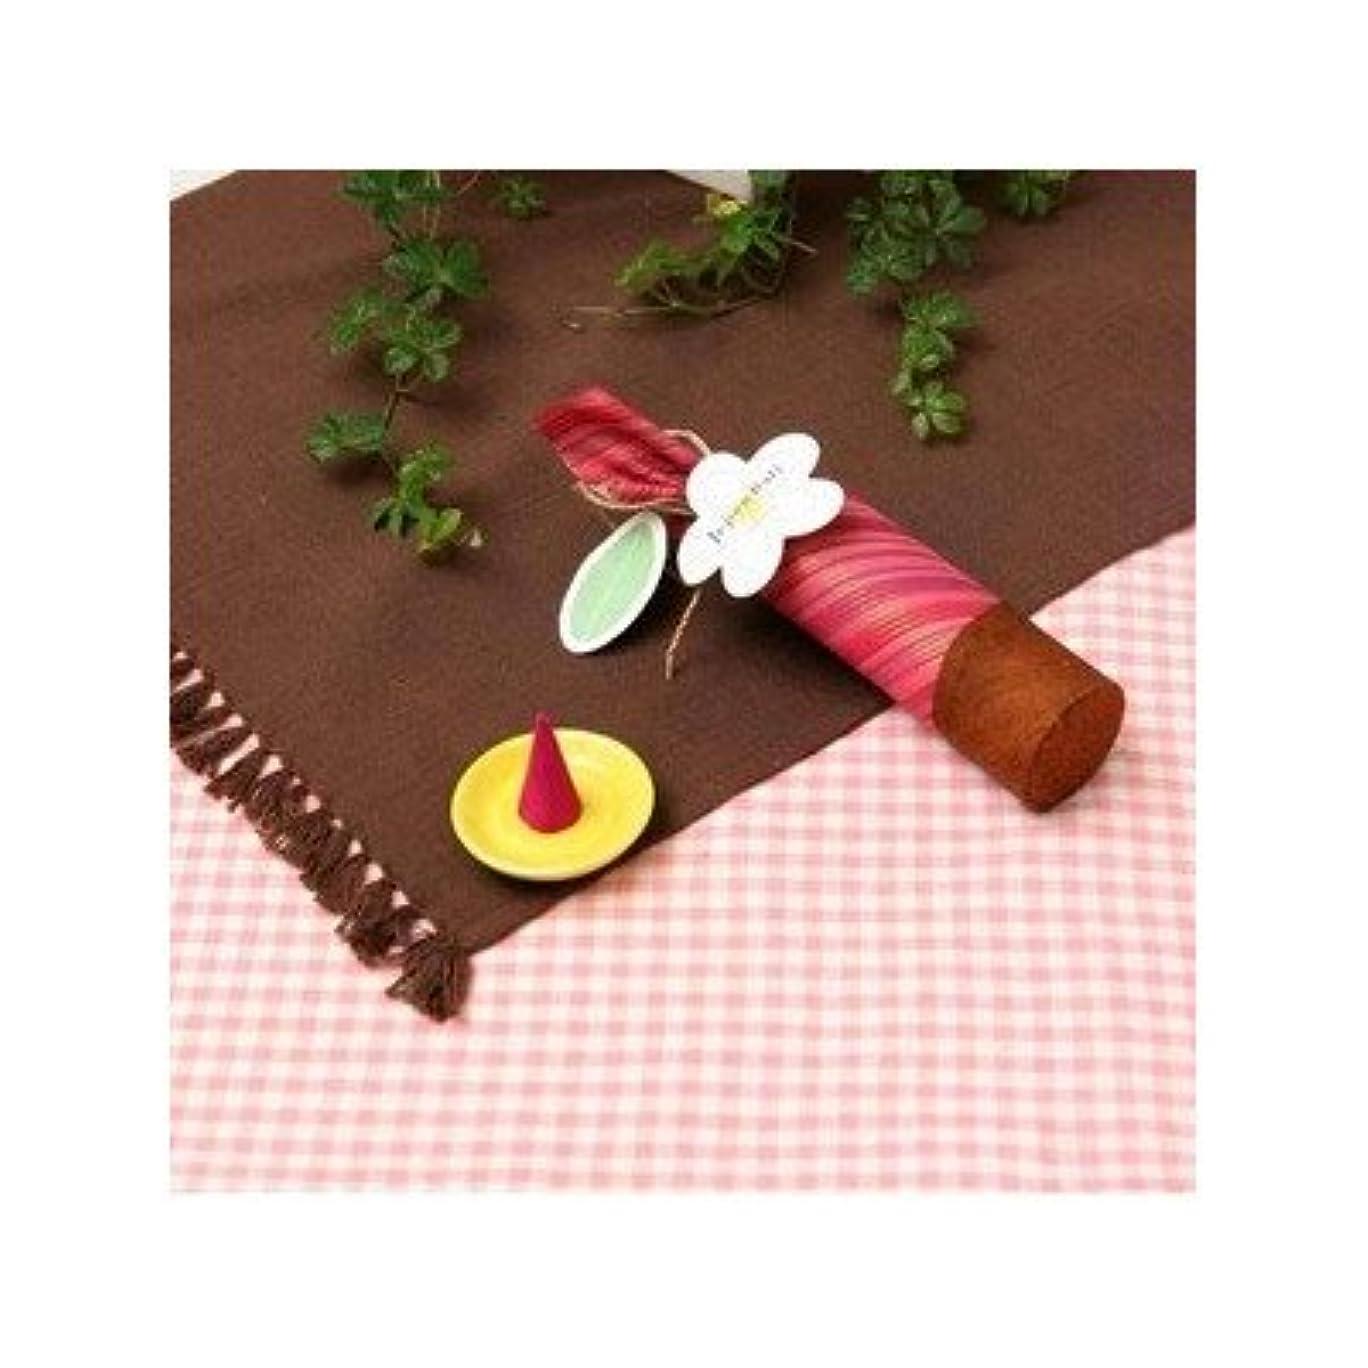 昆虫を見る嵐の起きるお香/インセンス 〔桜の香り コーンタイプ10個入り〕 バリ島製 「Jupen Bari ジュプンバリ」[通販用梱包品]